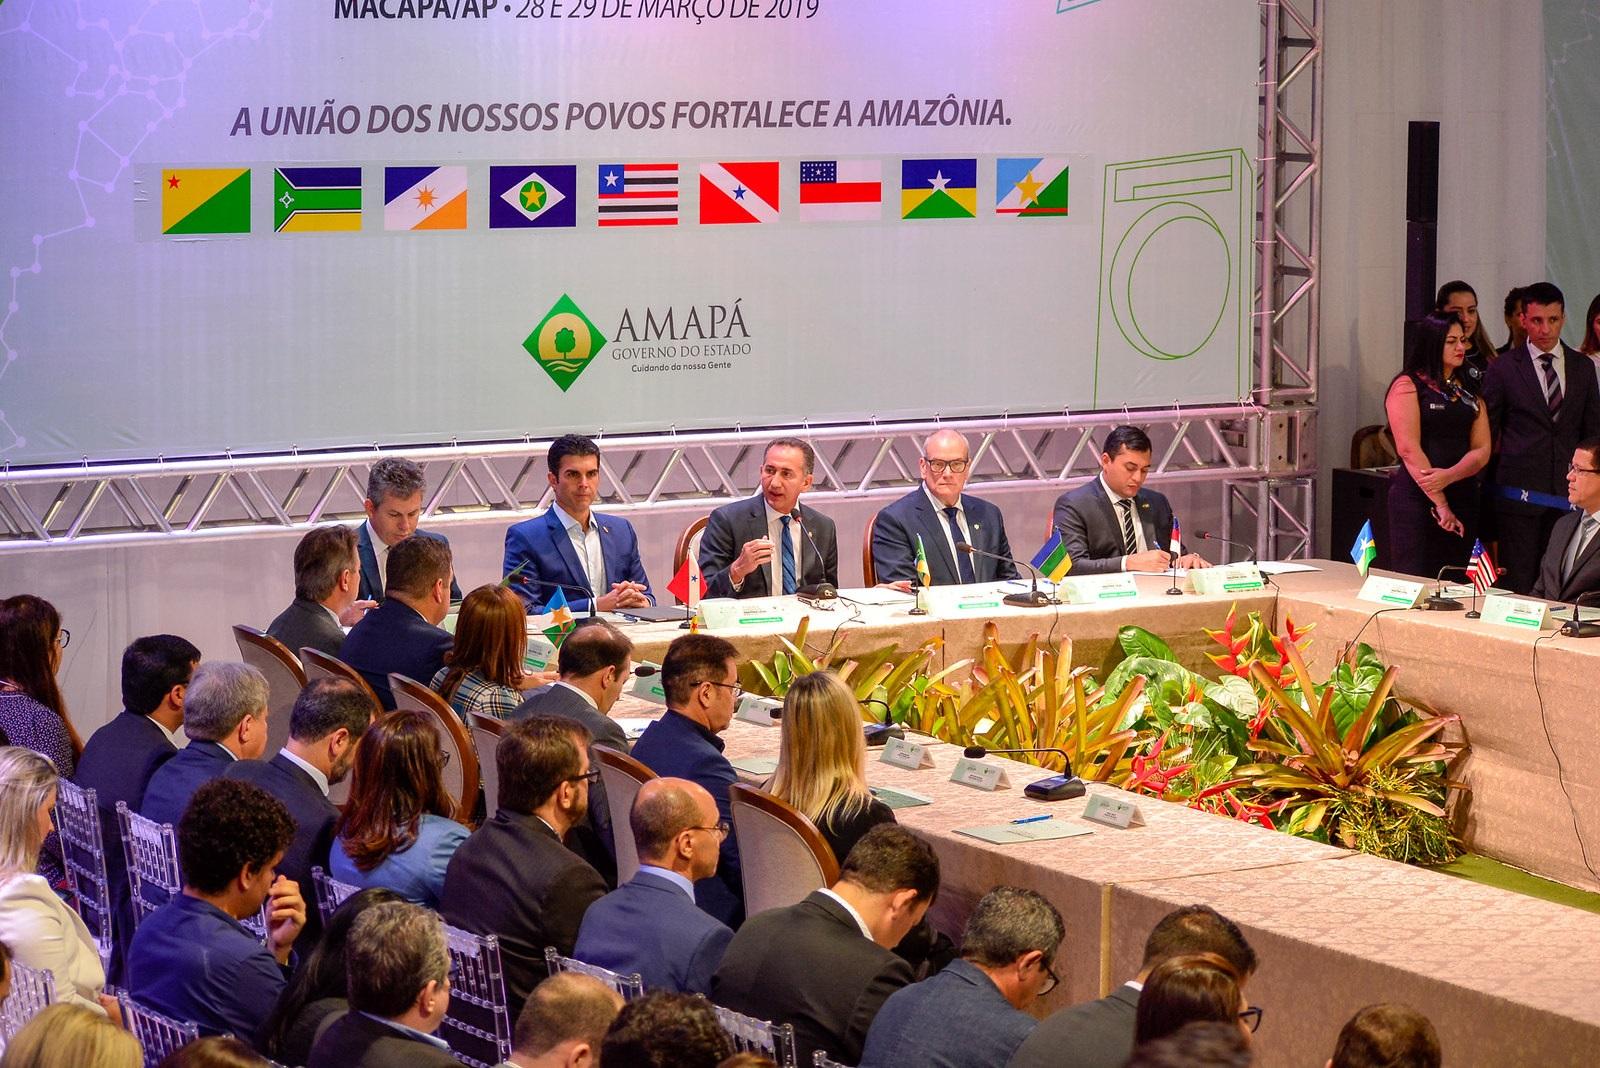 Governadores da Amazônia Legal reunidos em Macapá durante o 17º Fórum de Governadores da região, que aconteceu em março. Foto Divulgação